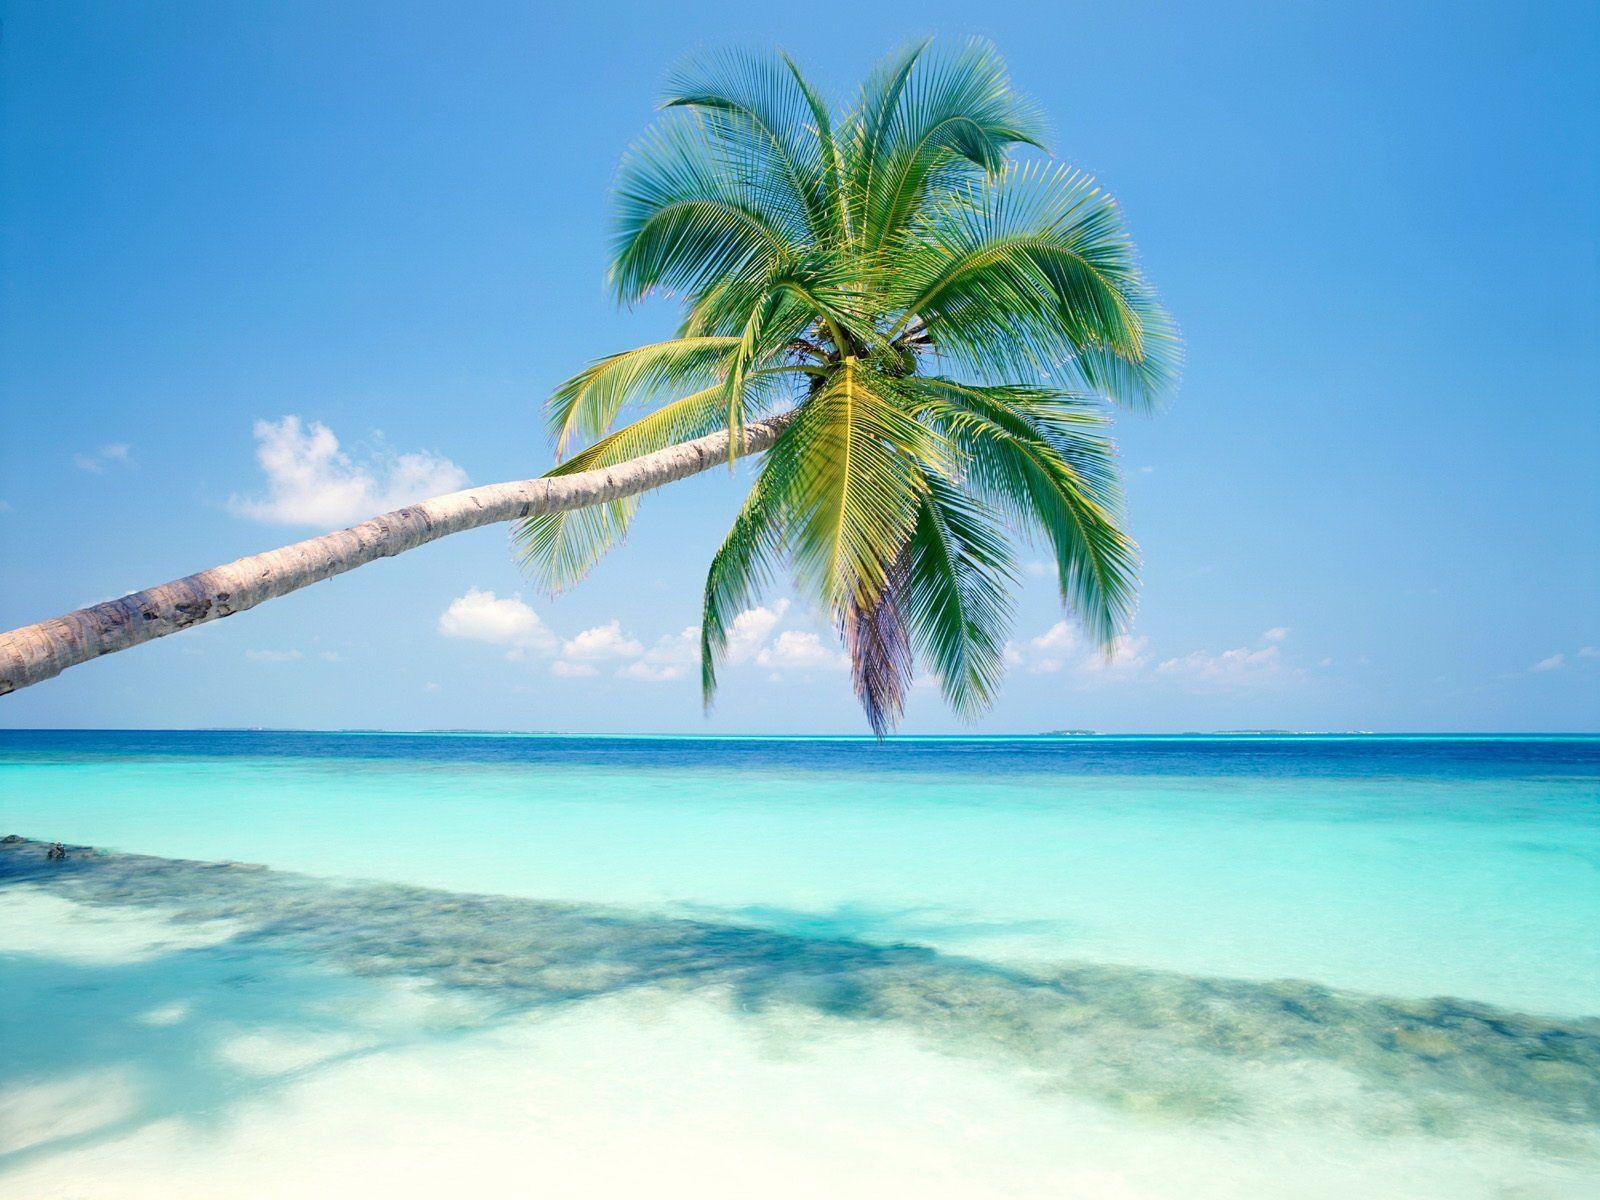 Cây dừa và biển xanh